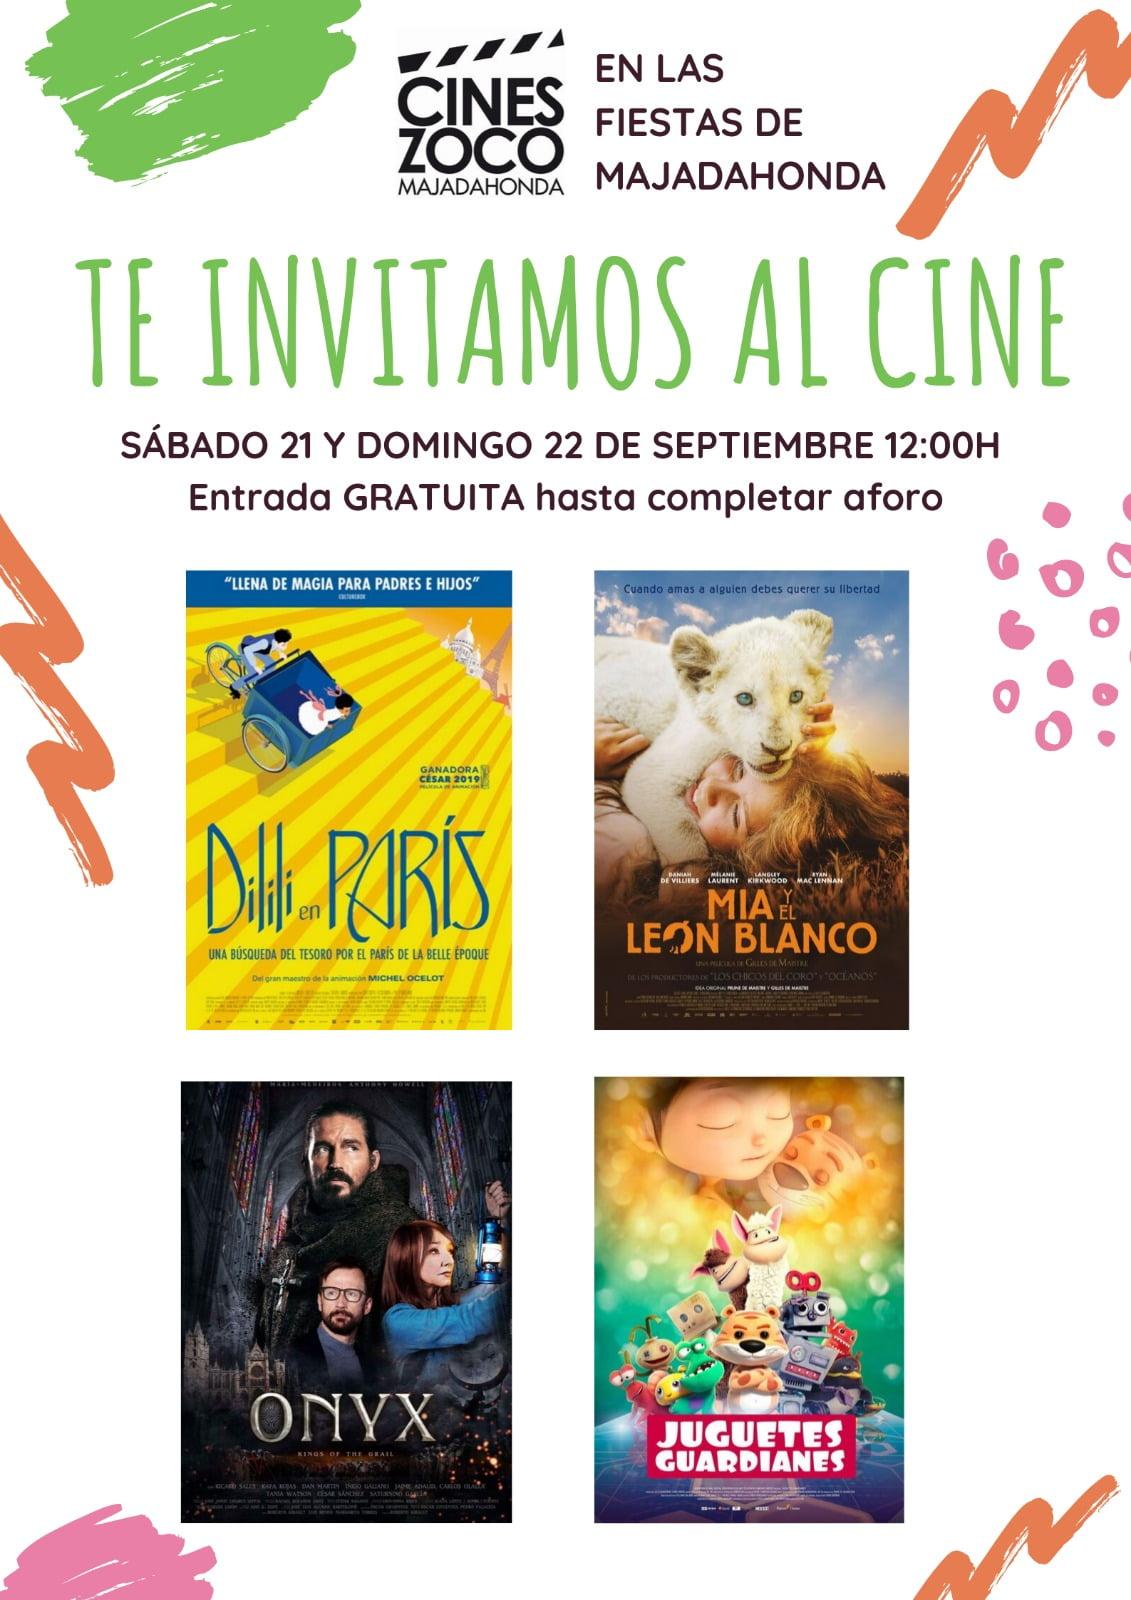 Cines Zoco invita a 4 películas gratis con motivo de las Fiestas de Majadahonda 2019